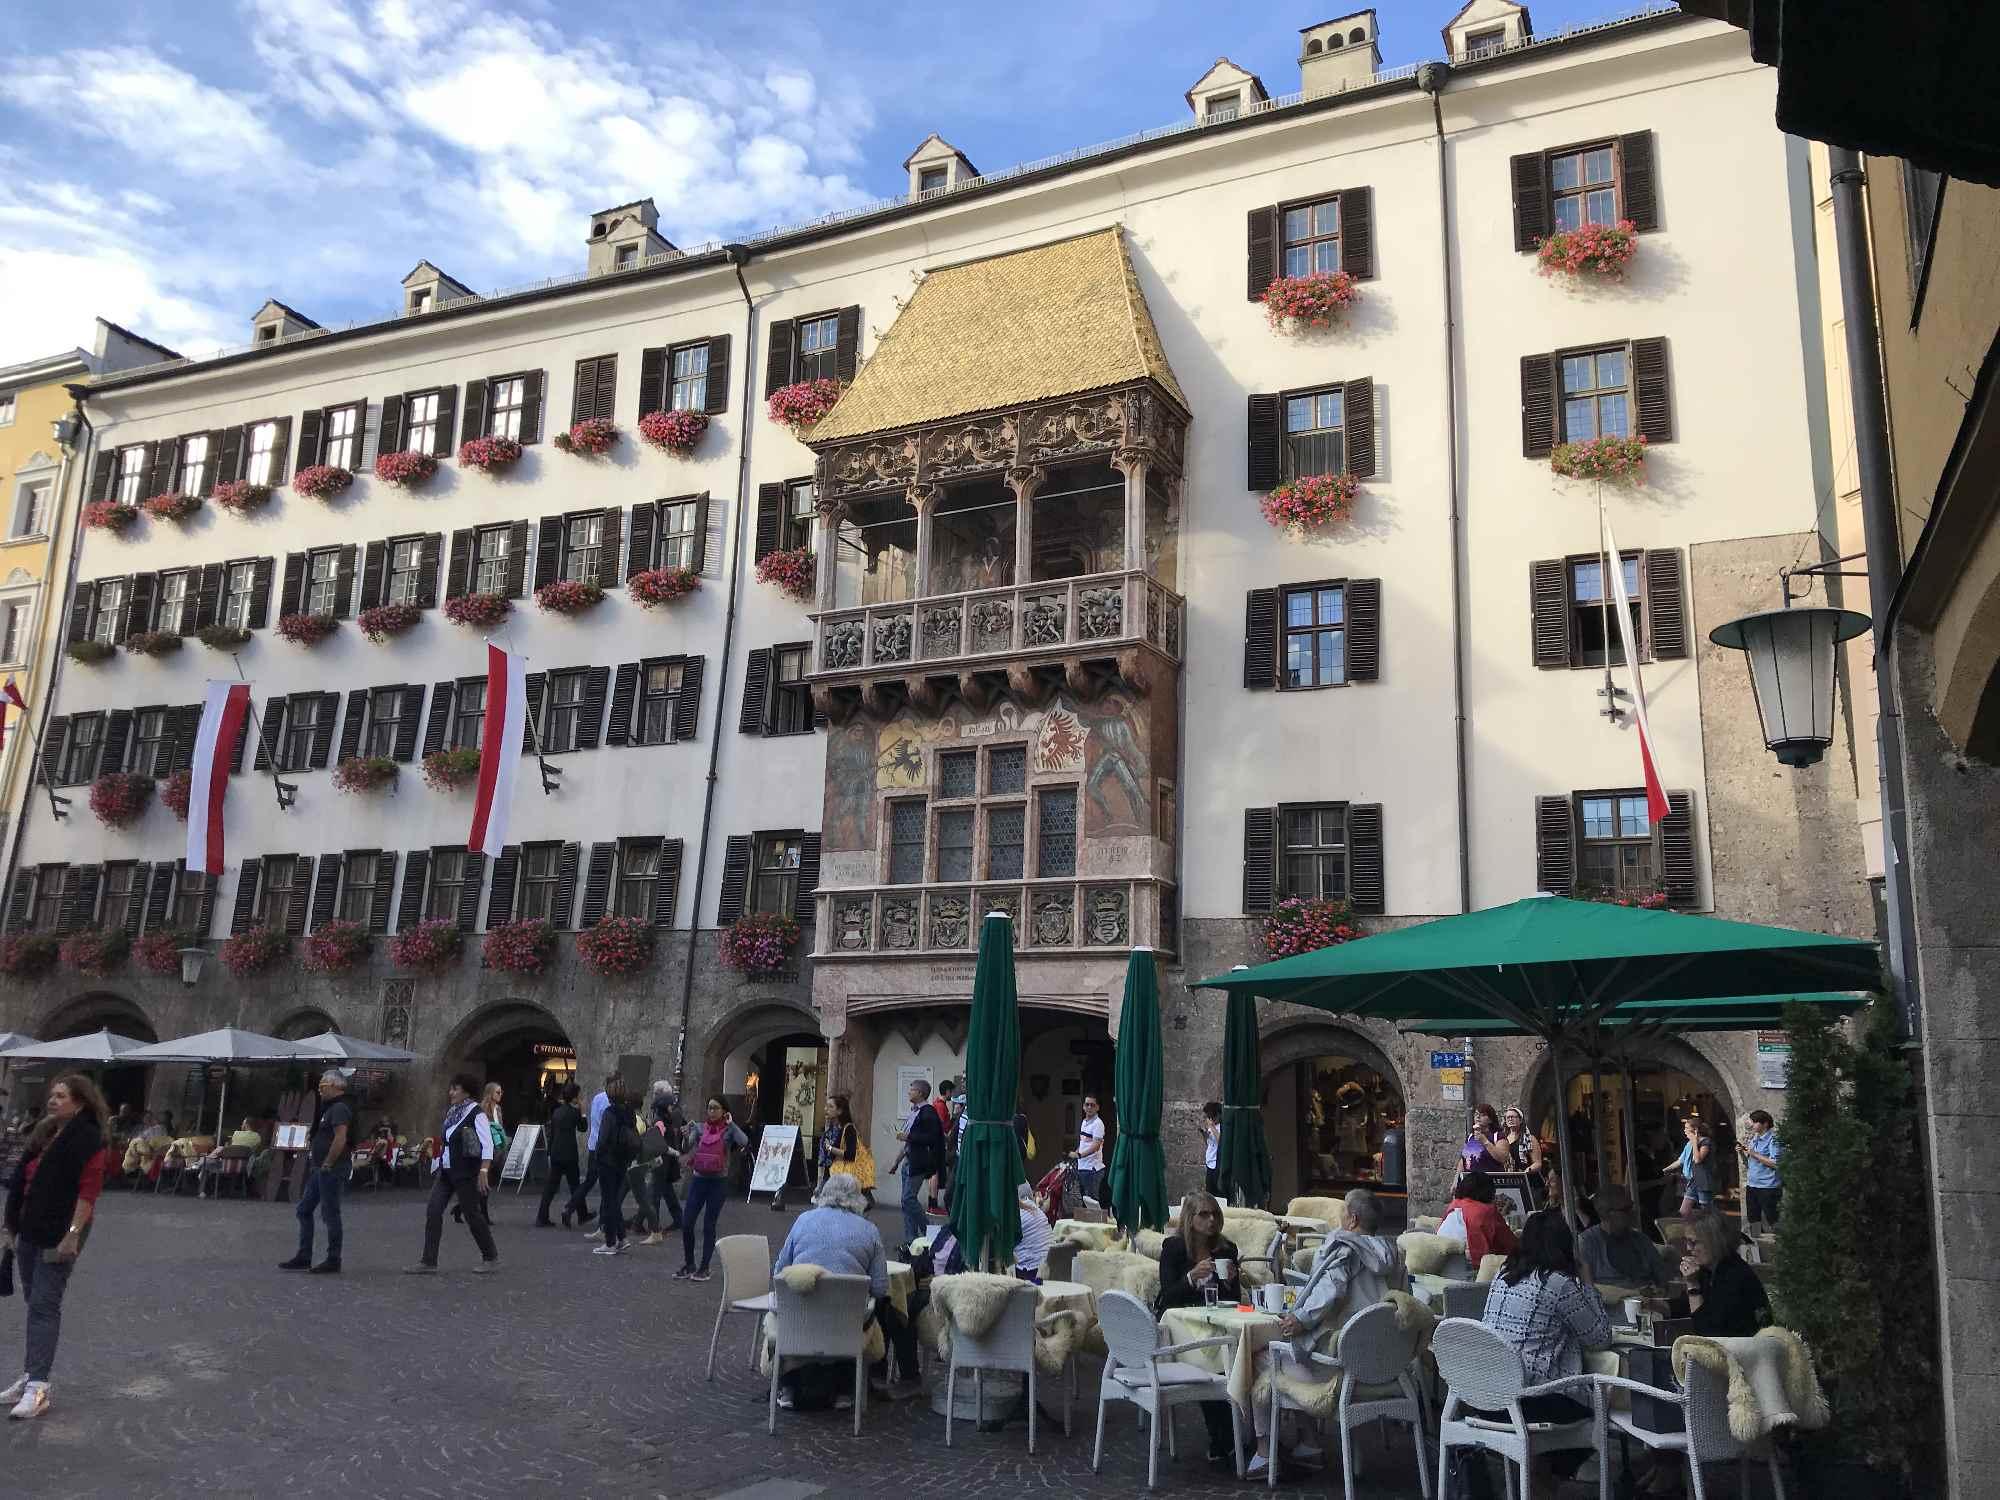 Die schöne Altstadt von Innsbruck